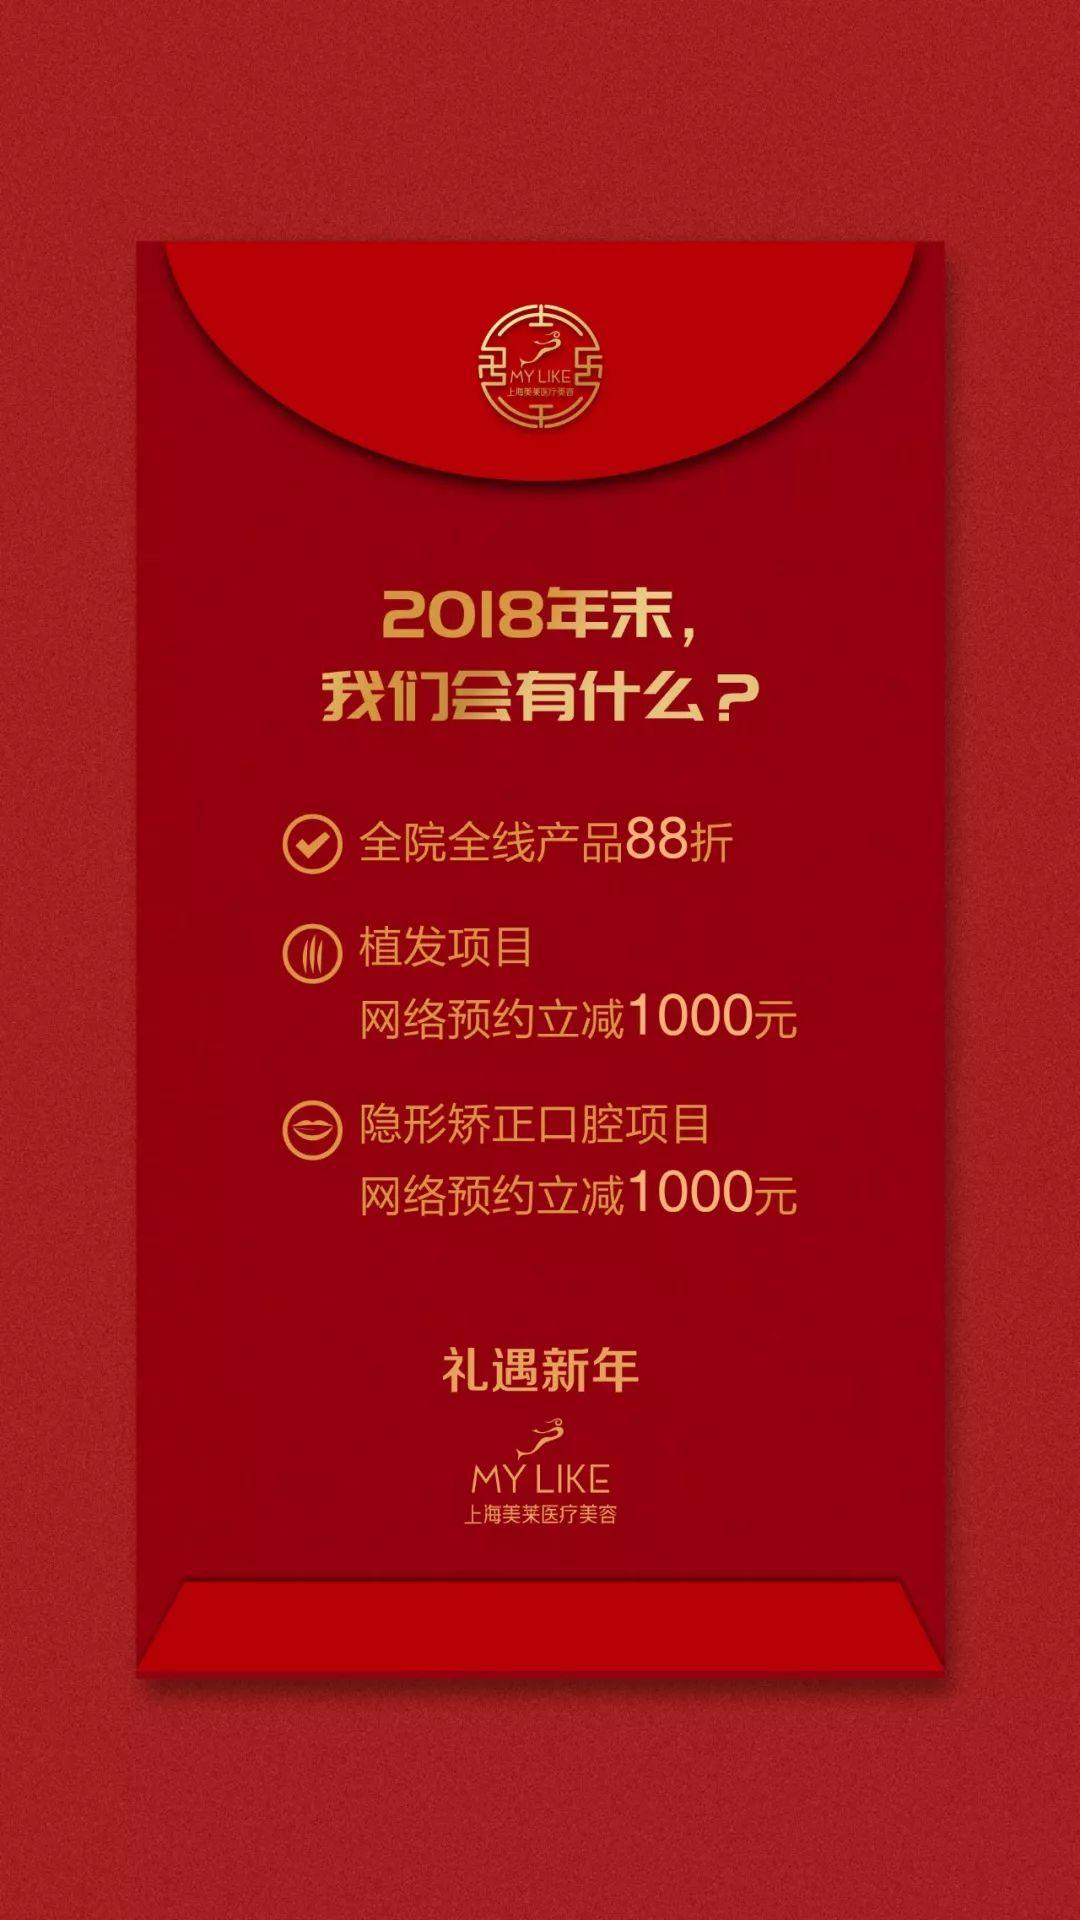 【上海美莱年末狂欢】超值心动价,抽奖不停歇